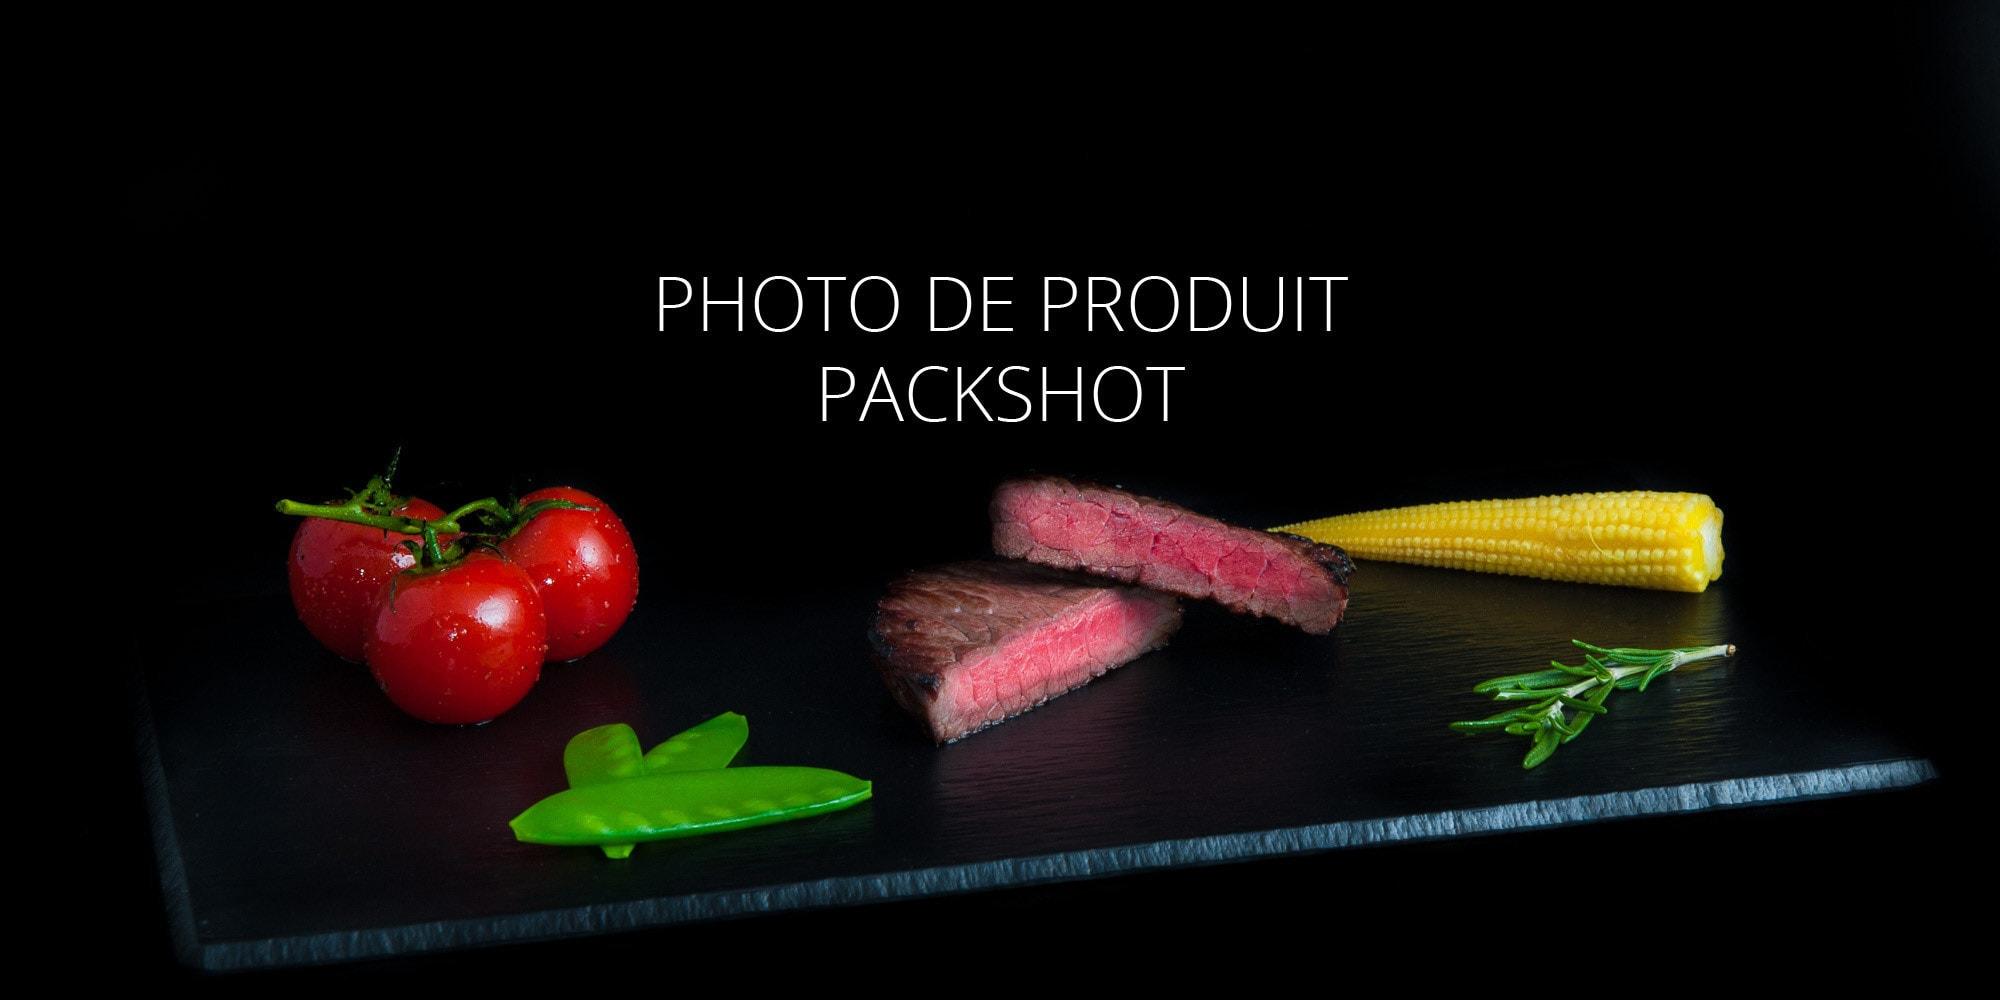 Instants-clichés-photographe-la-rochelle-charente-maritime-17-rochefort-surgeres-photo-produit-packshot